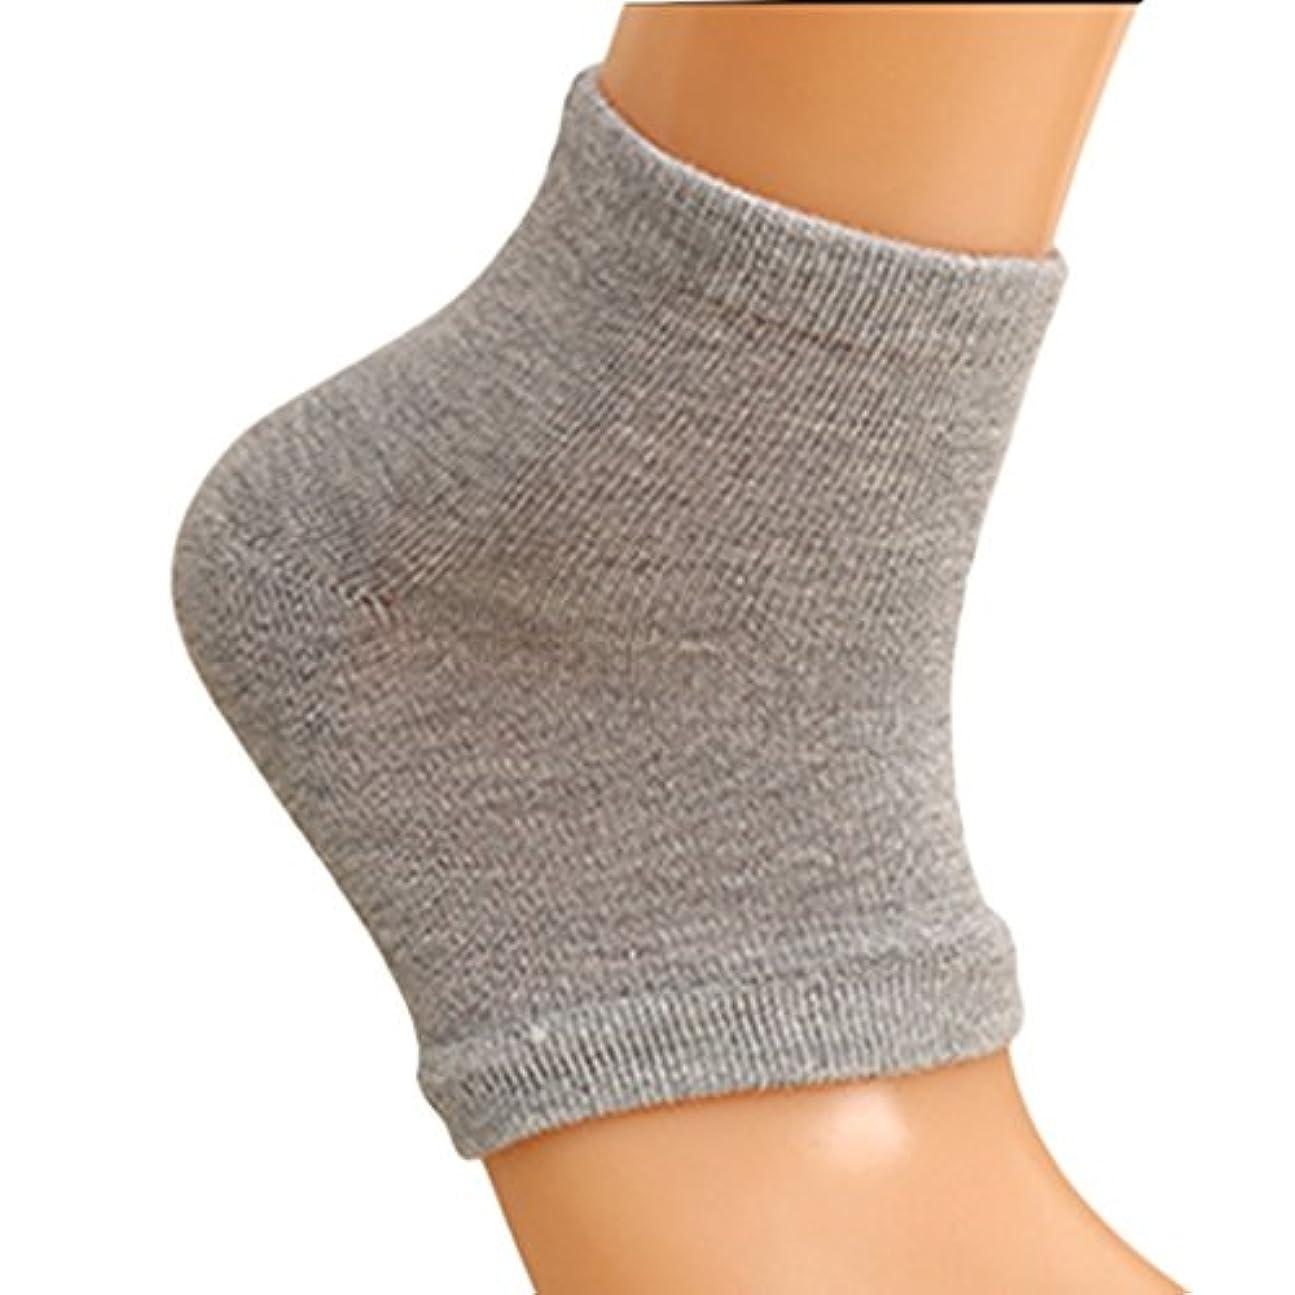 安心させる現象オープニングXiton 靴下 ソックス レディース メンズ 靴下 つるつる 靴下 フットケア かかとケア ひび 角質ケア 保湿 角質除去(2足セット グレー)